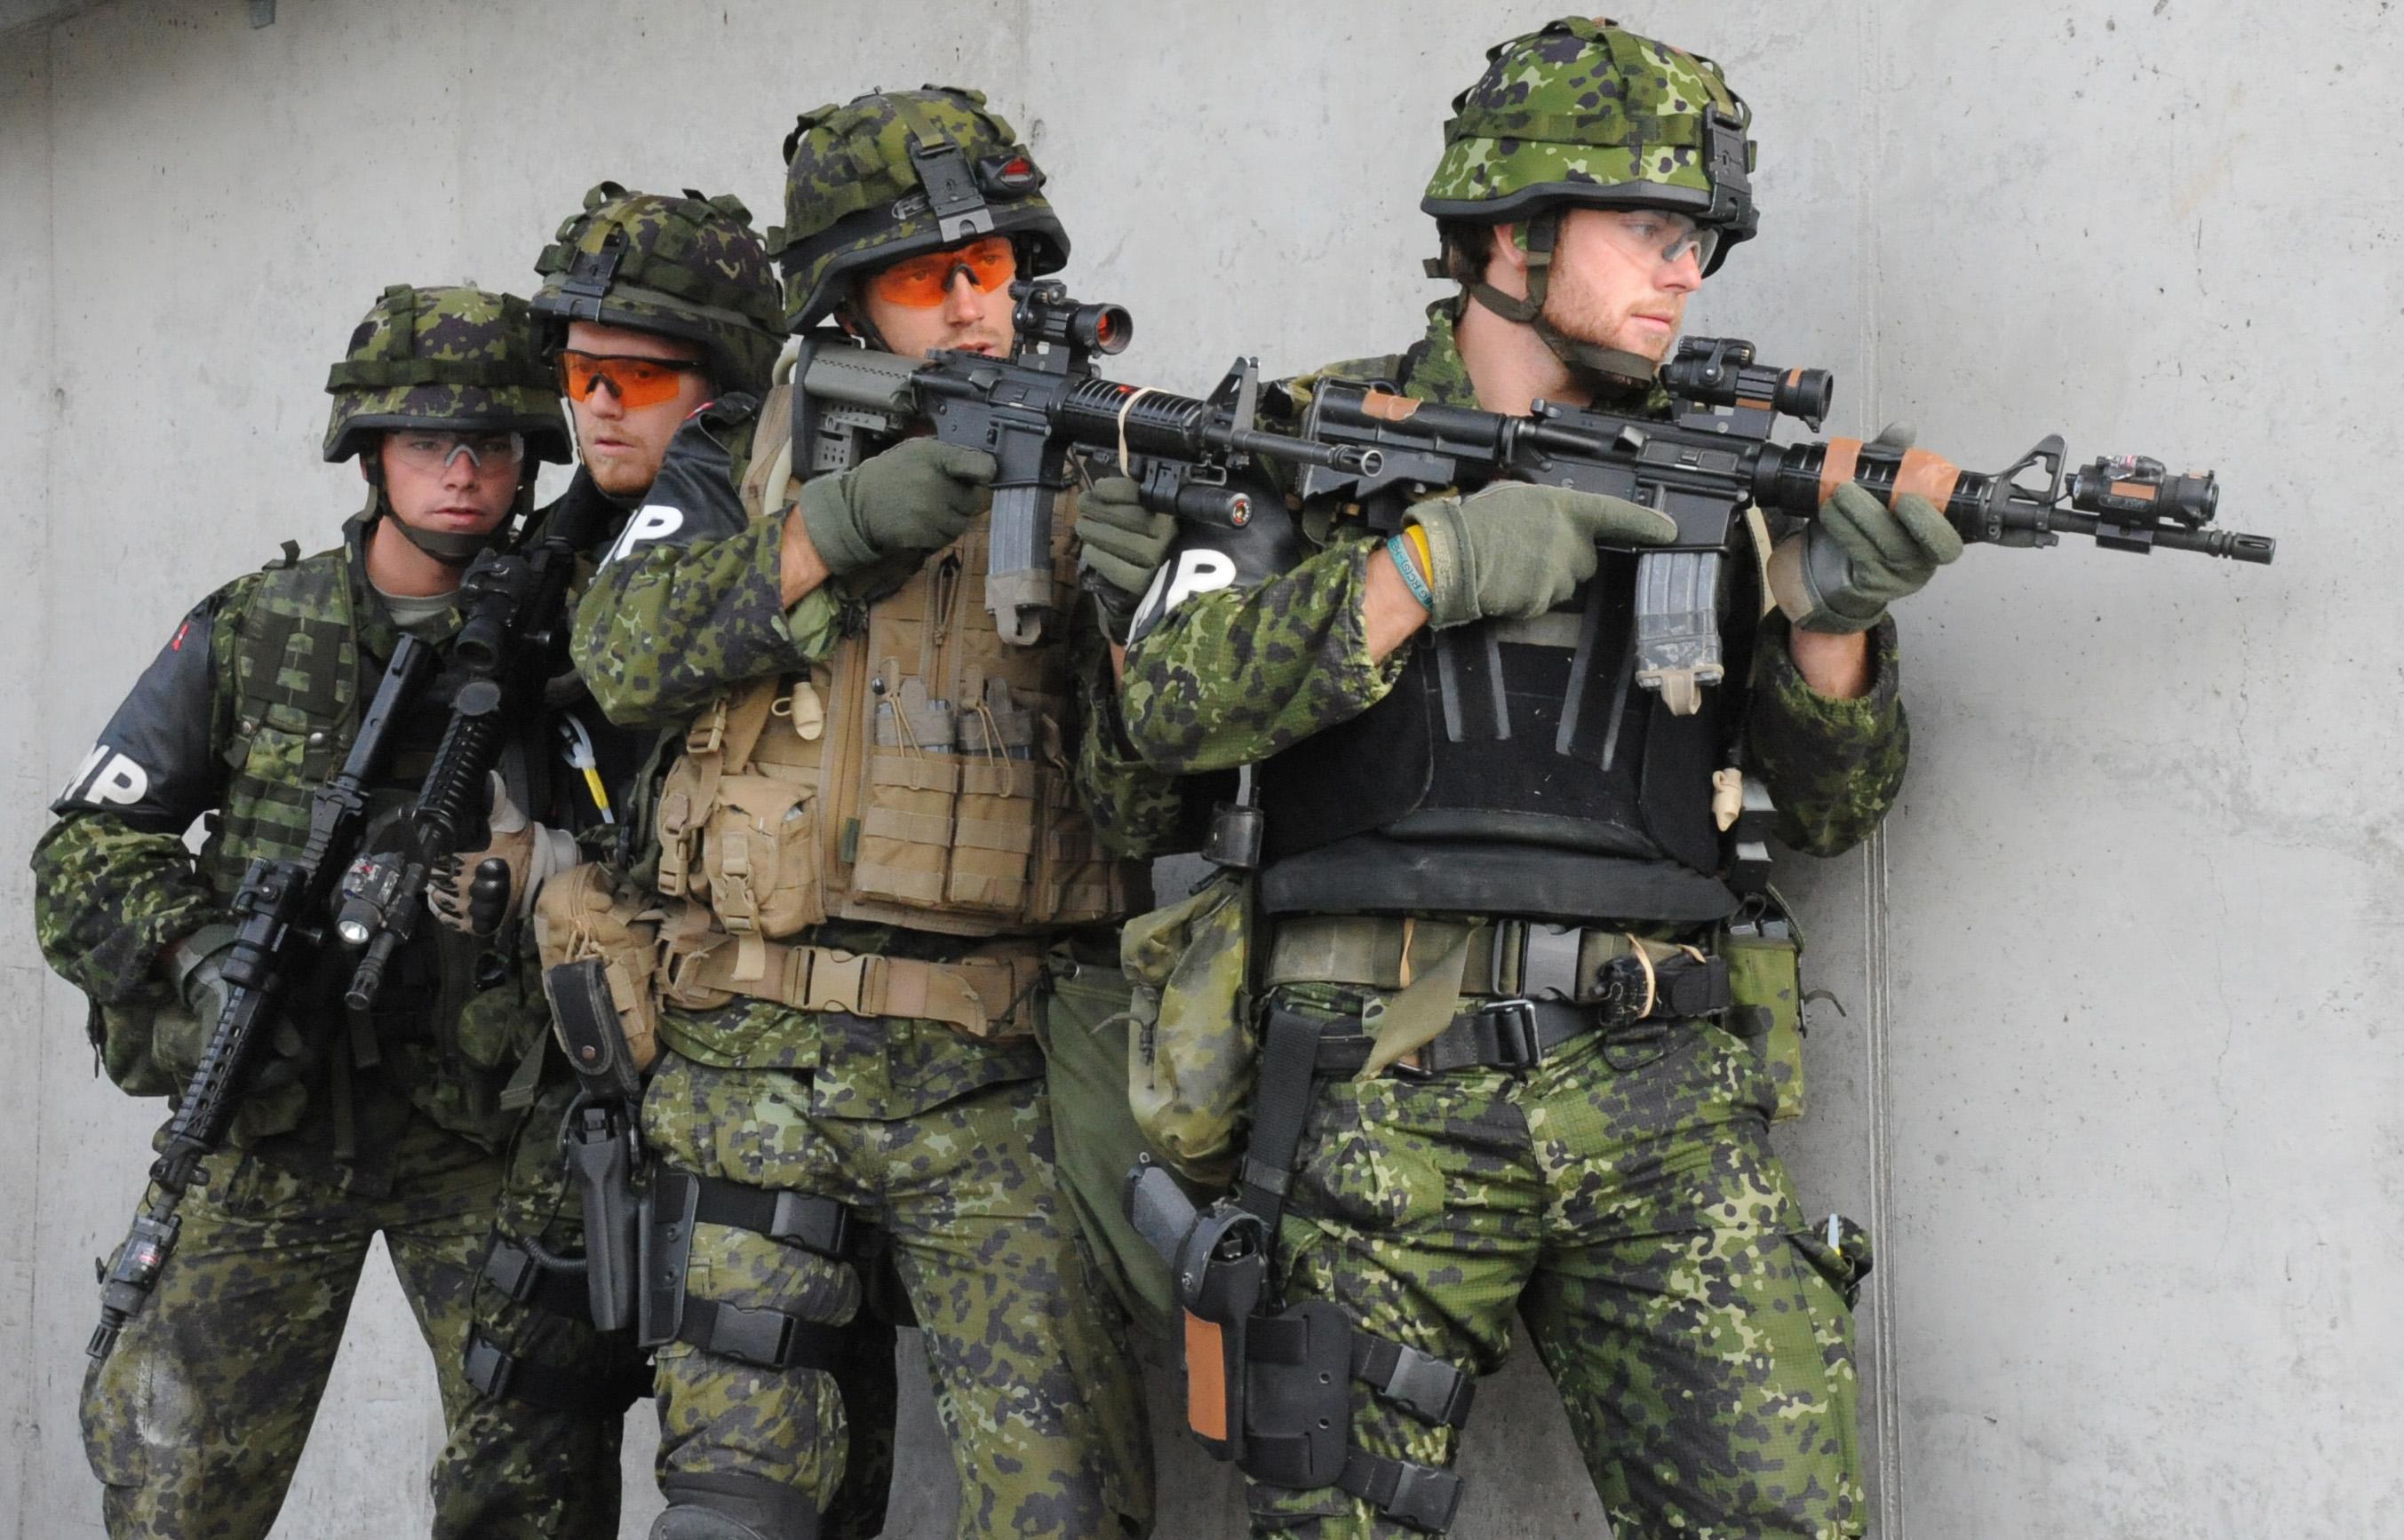 Denmark Police going through advanced